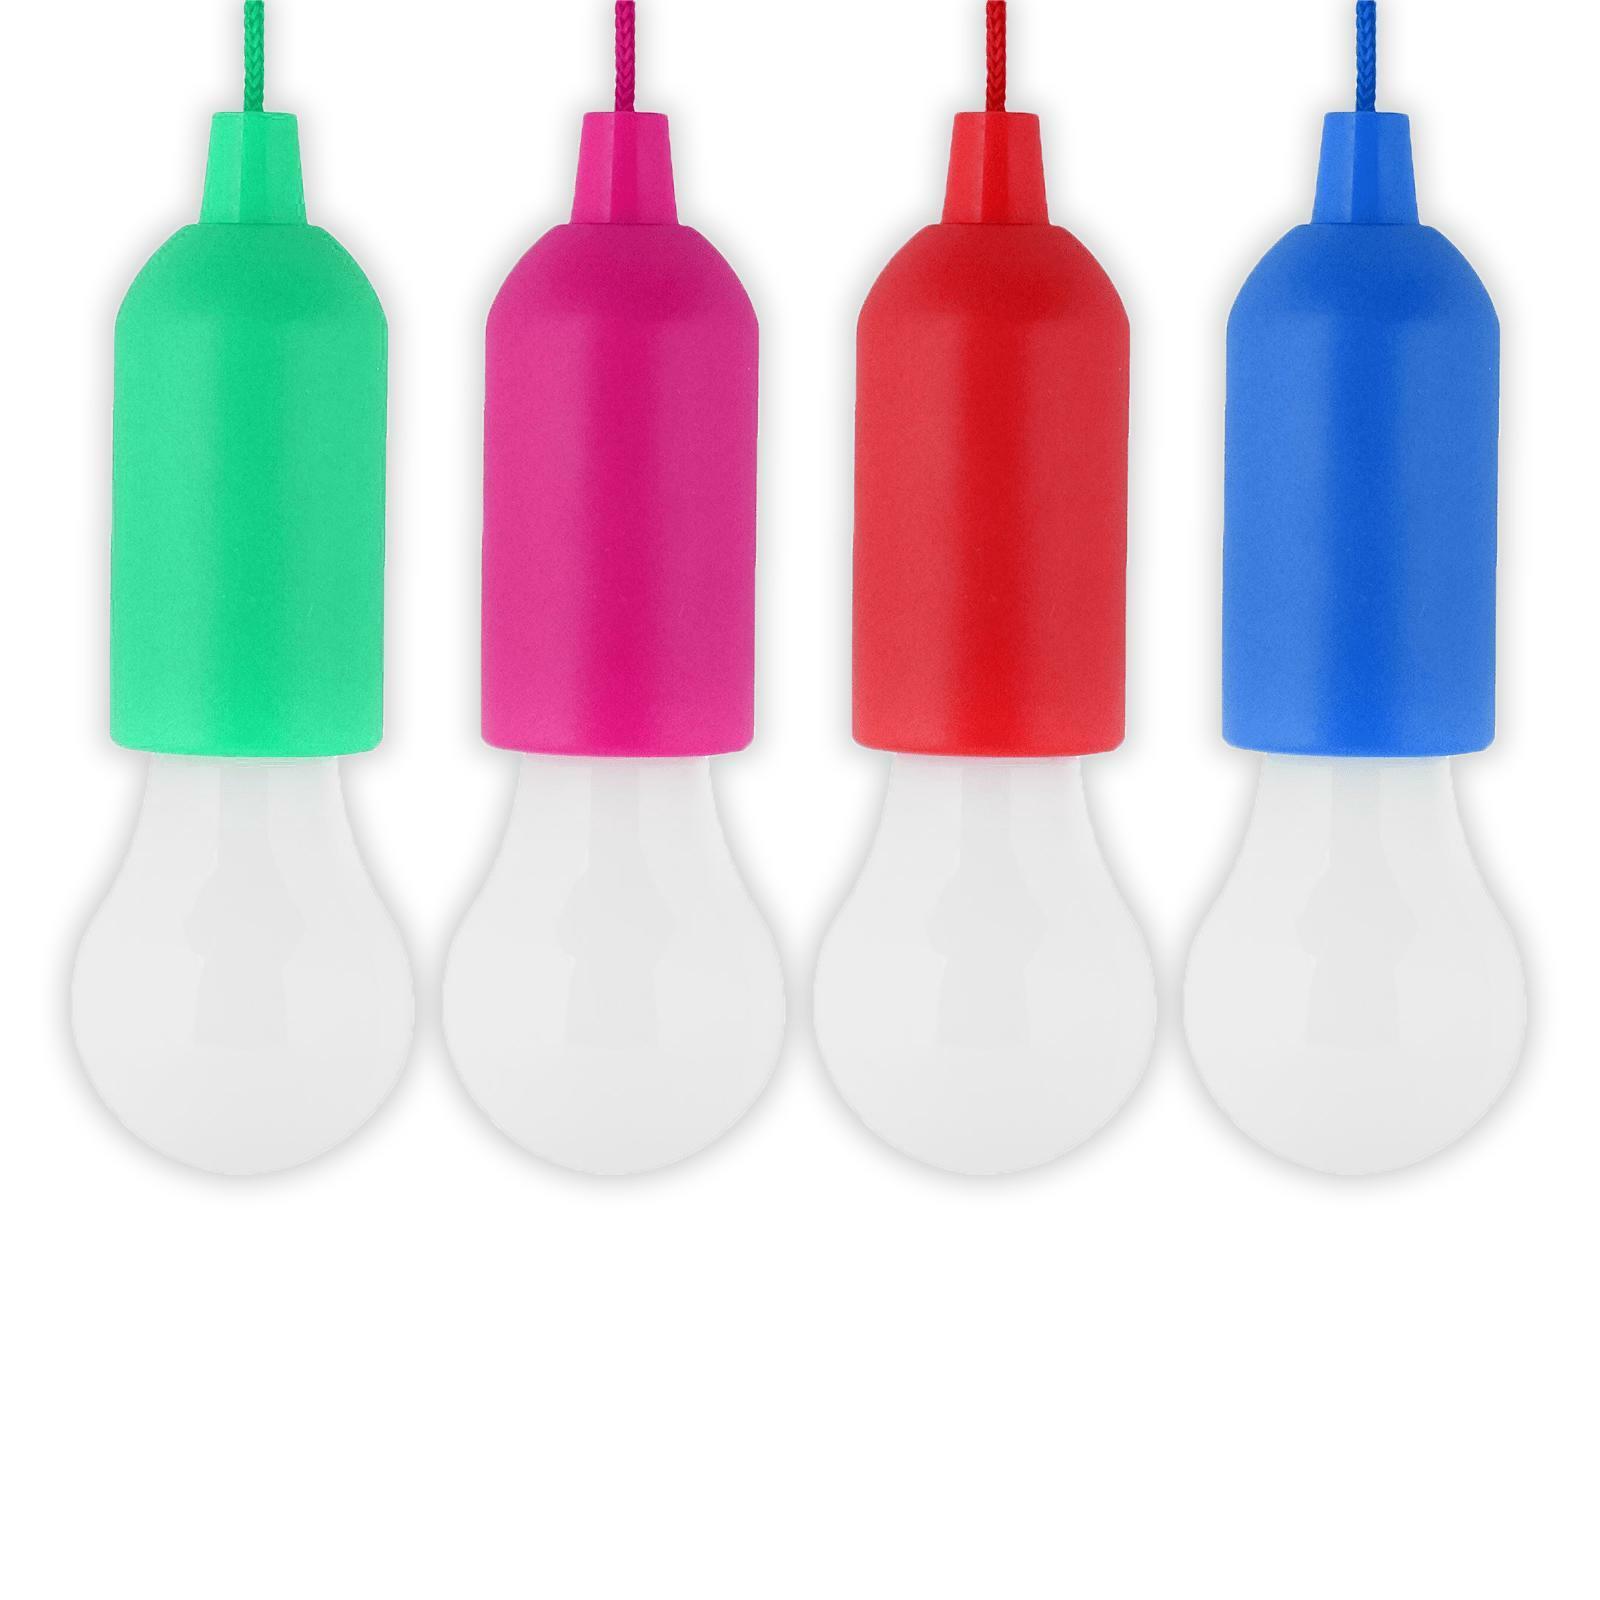 bierrestore lampada a led click clack con filo appendibile a batteria kit 4 pezzi